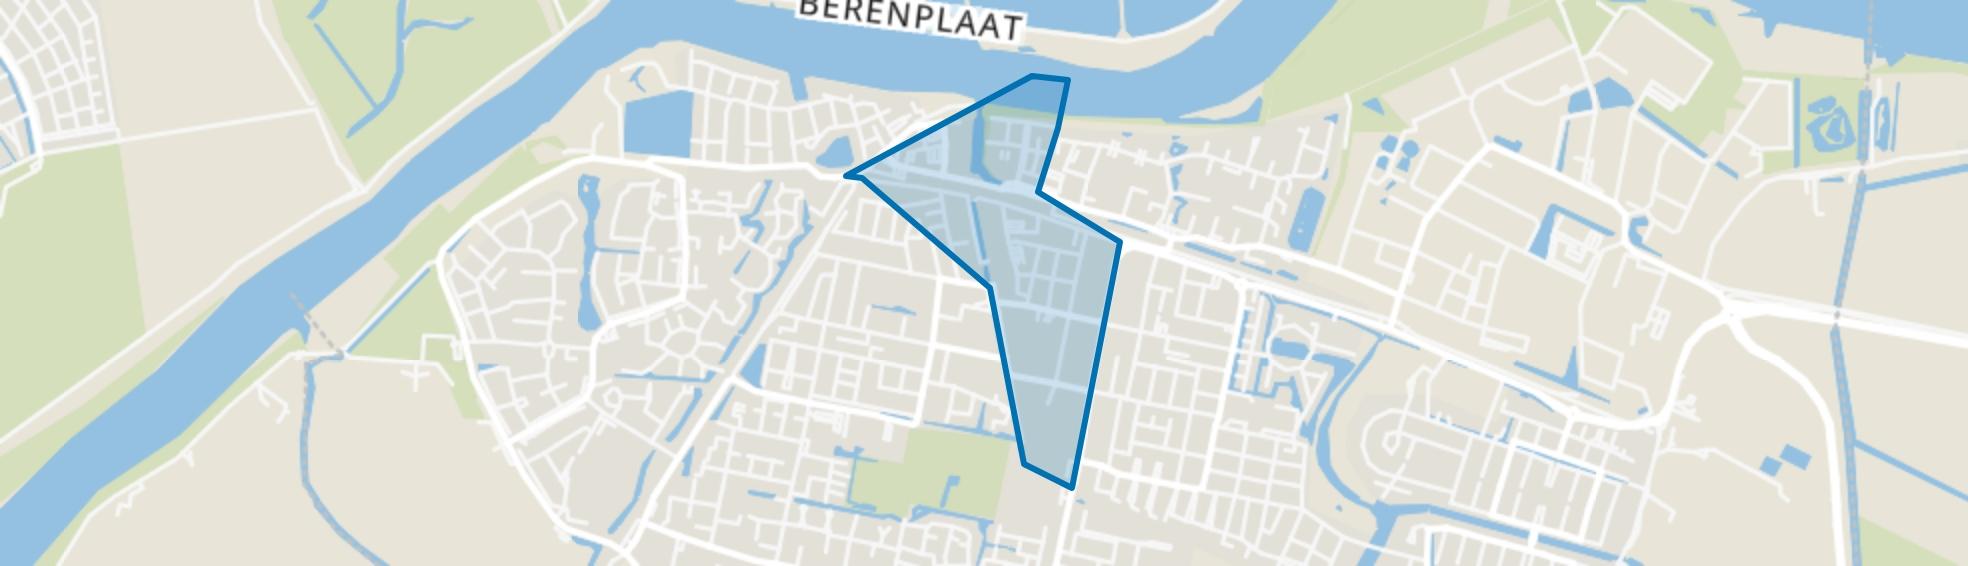 Oud-Beijerland Centrum, Oud-Beijerland map